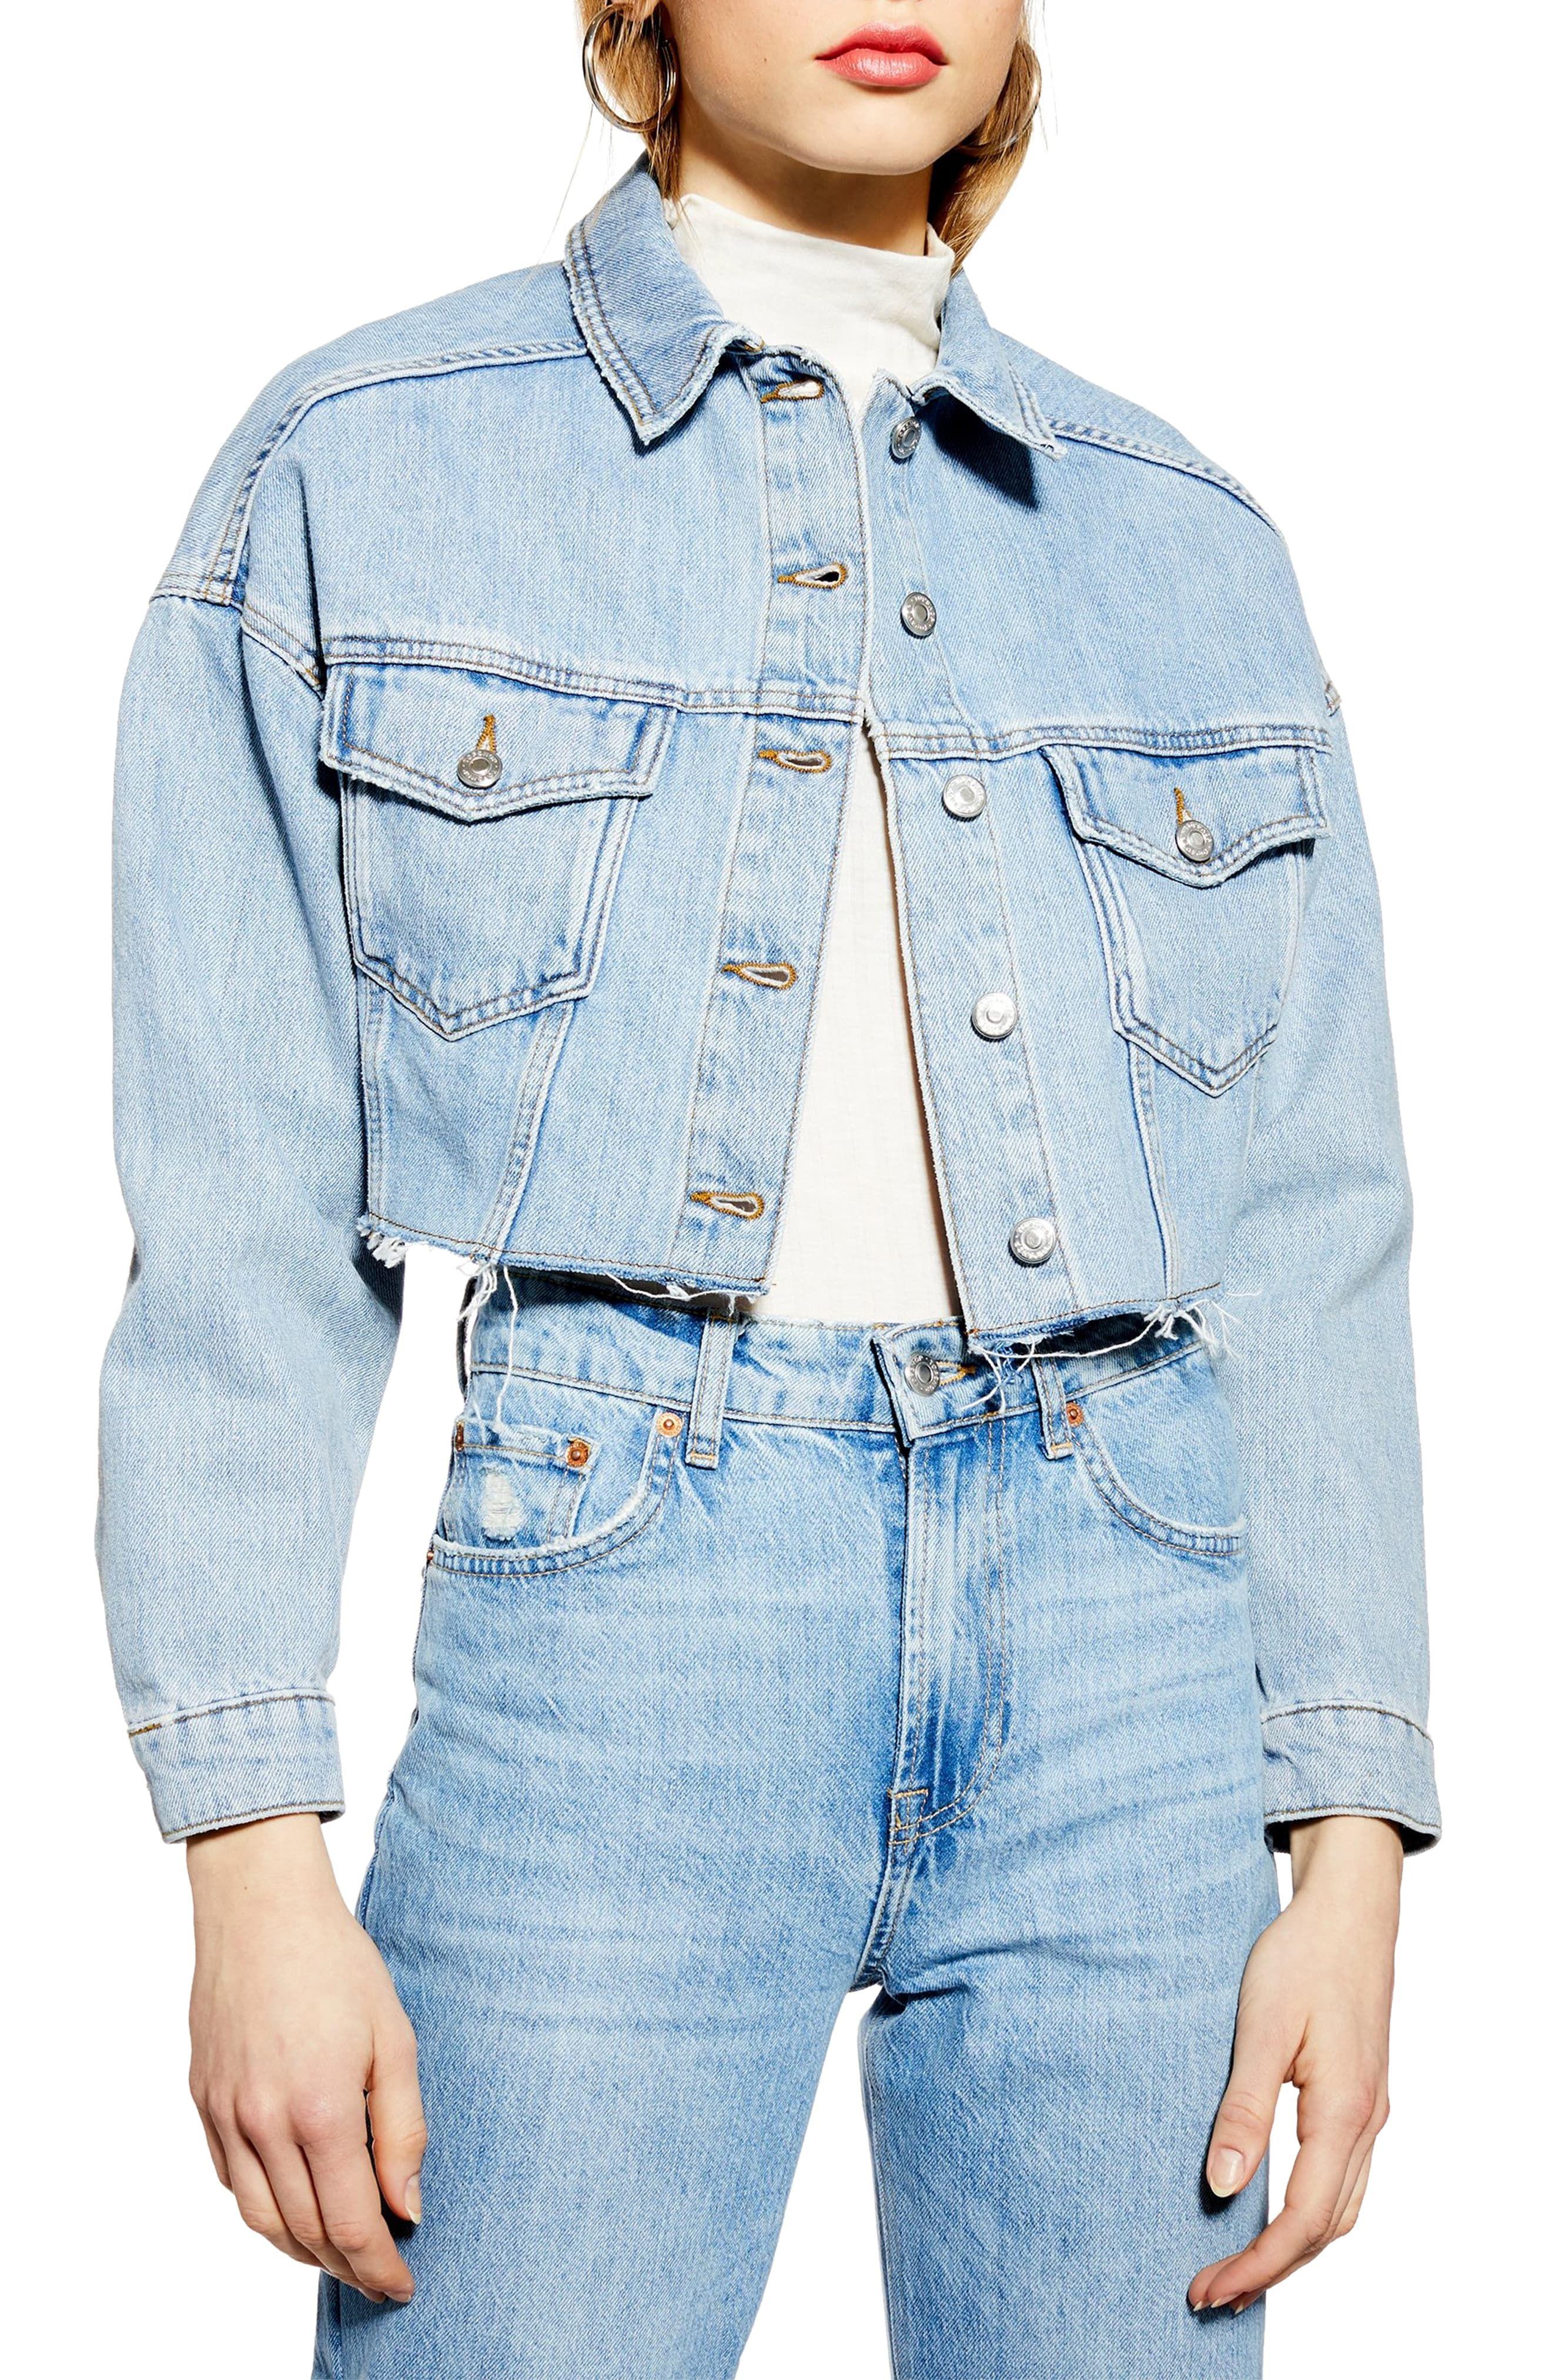 Topshop Cropped Denim Jacket Nordstrom In 2020 Denim Jacket Trend Cropped Denim Jacket Girls Bomber Jacket